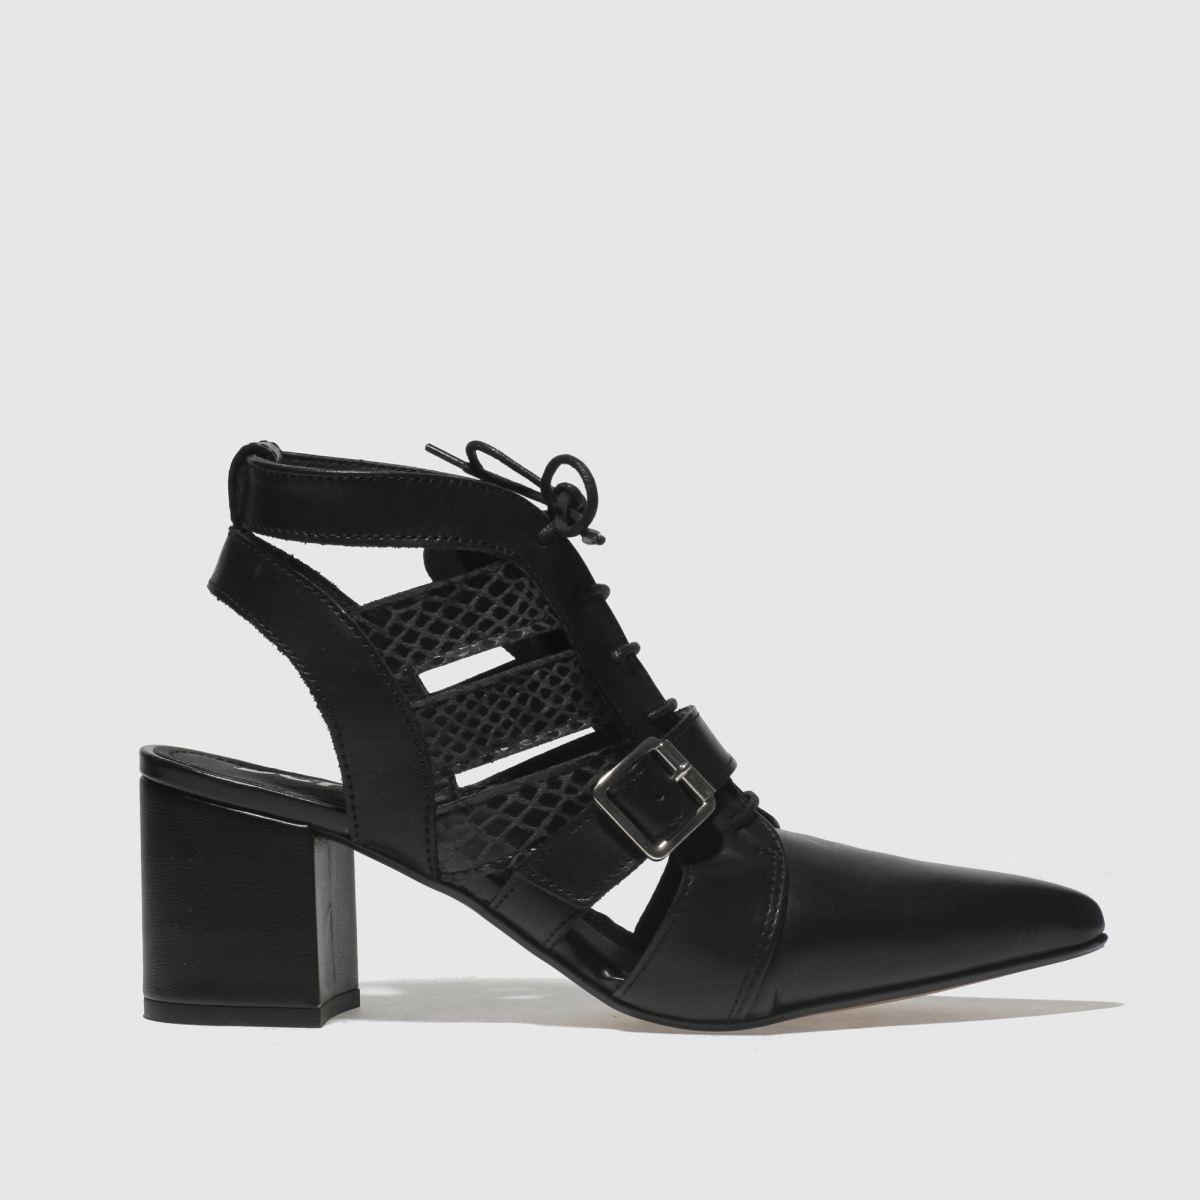 fe372a03939c6 Schuh Black Driven Low Heels